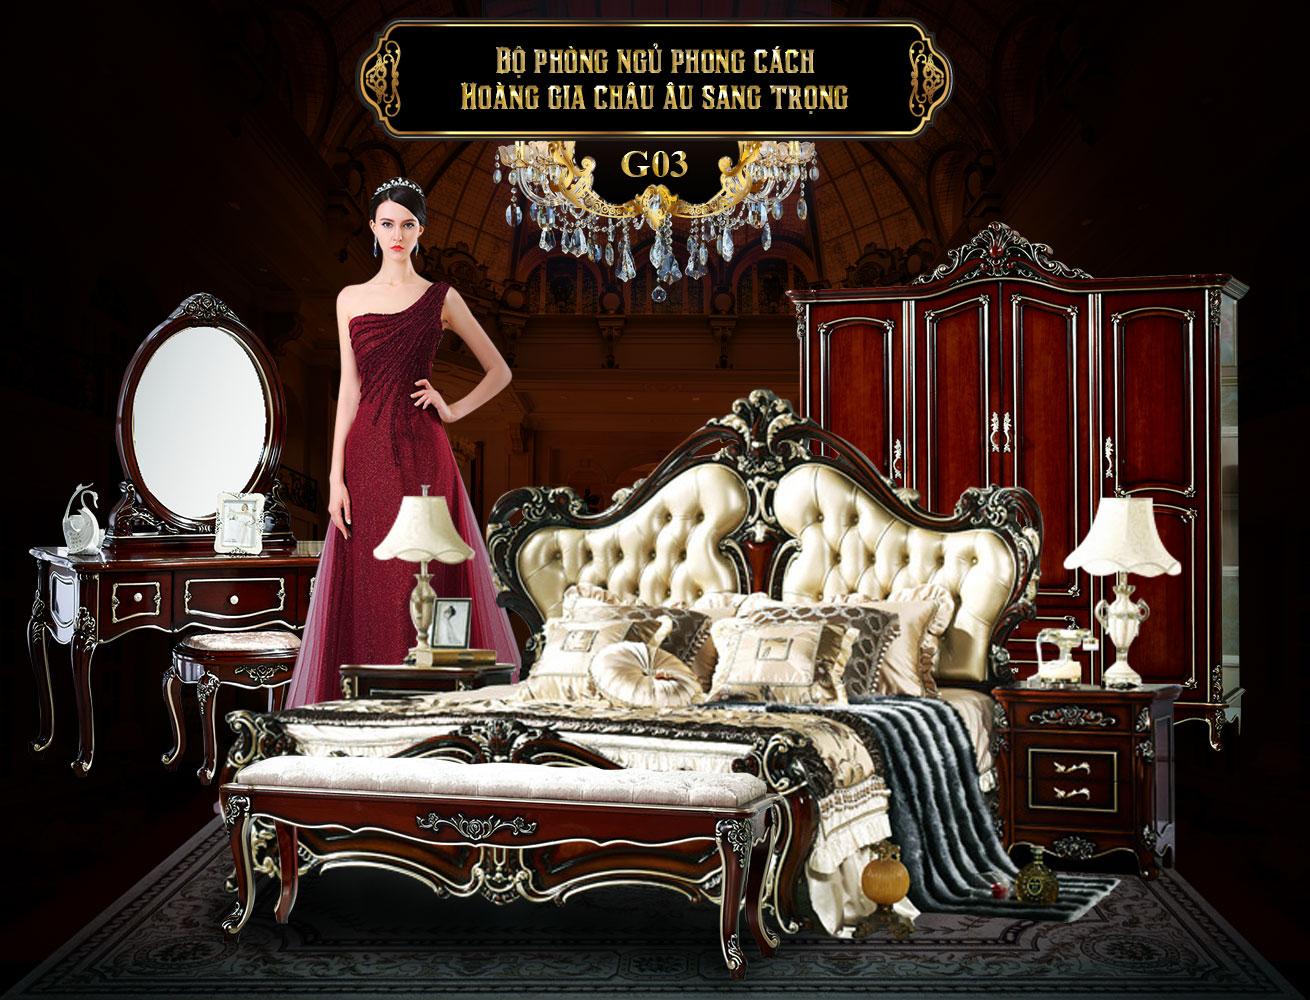 Giường ngủ nhập khẩu phong cách hoàng gia G03-1, giường ngủ hoàng gia